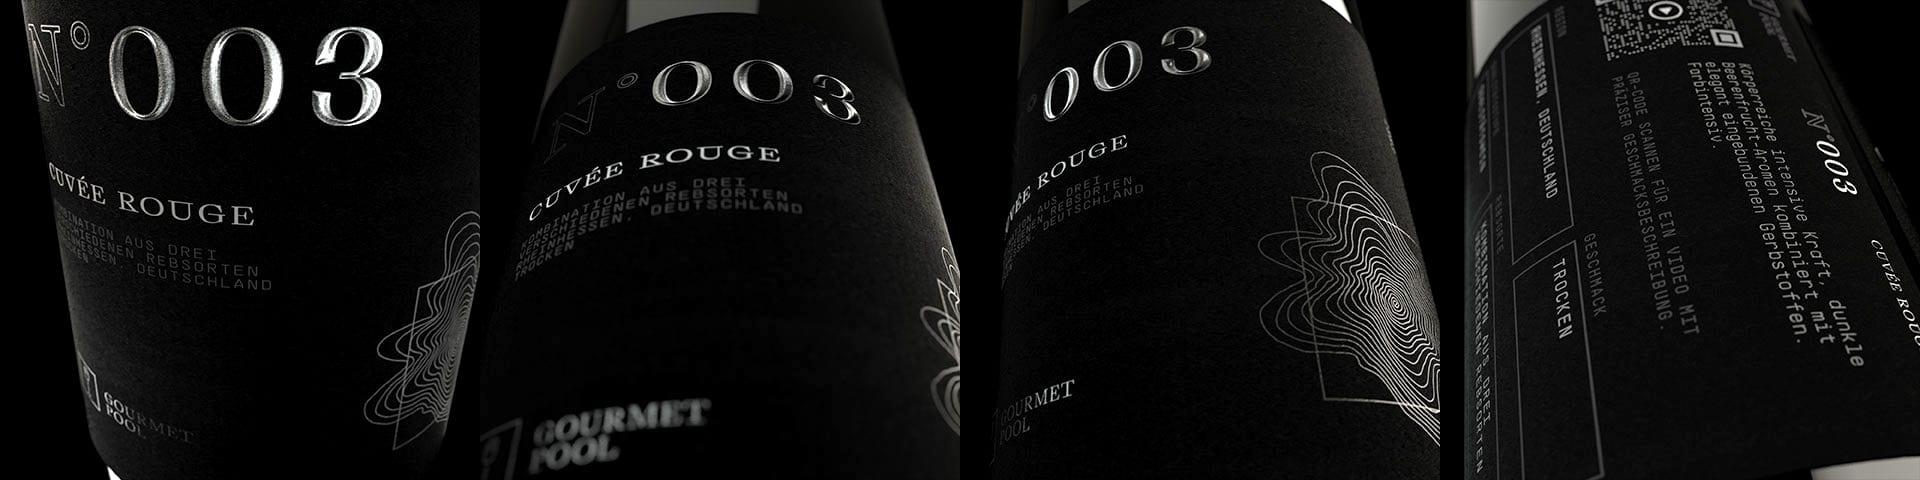 Weinflaschen Detailaufnahme N°003 Cuvée Rouge